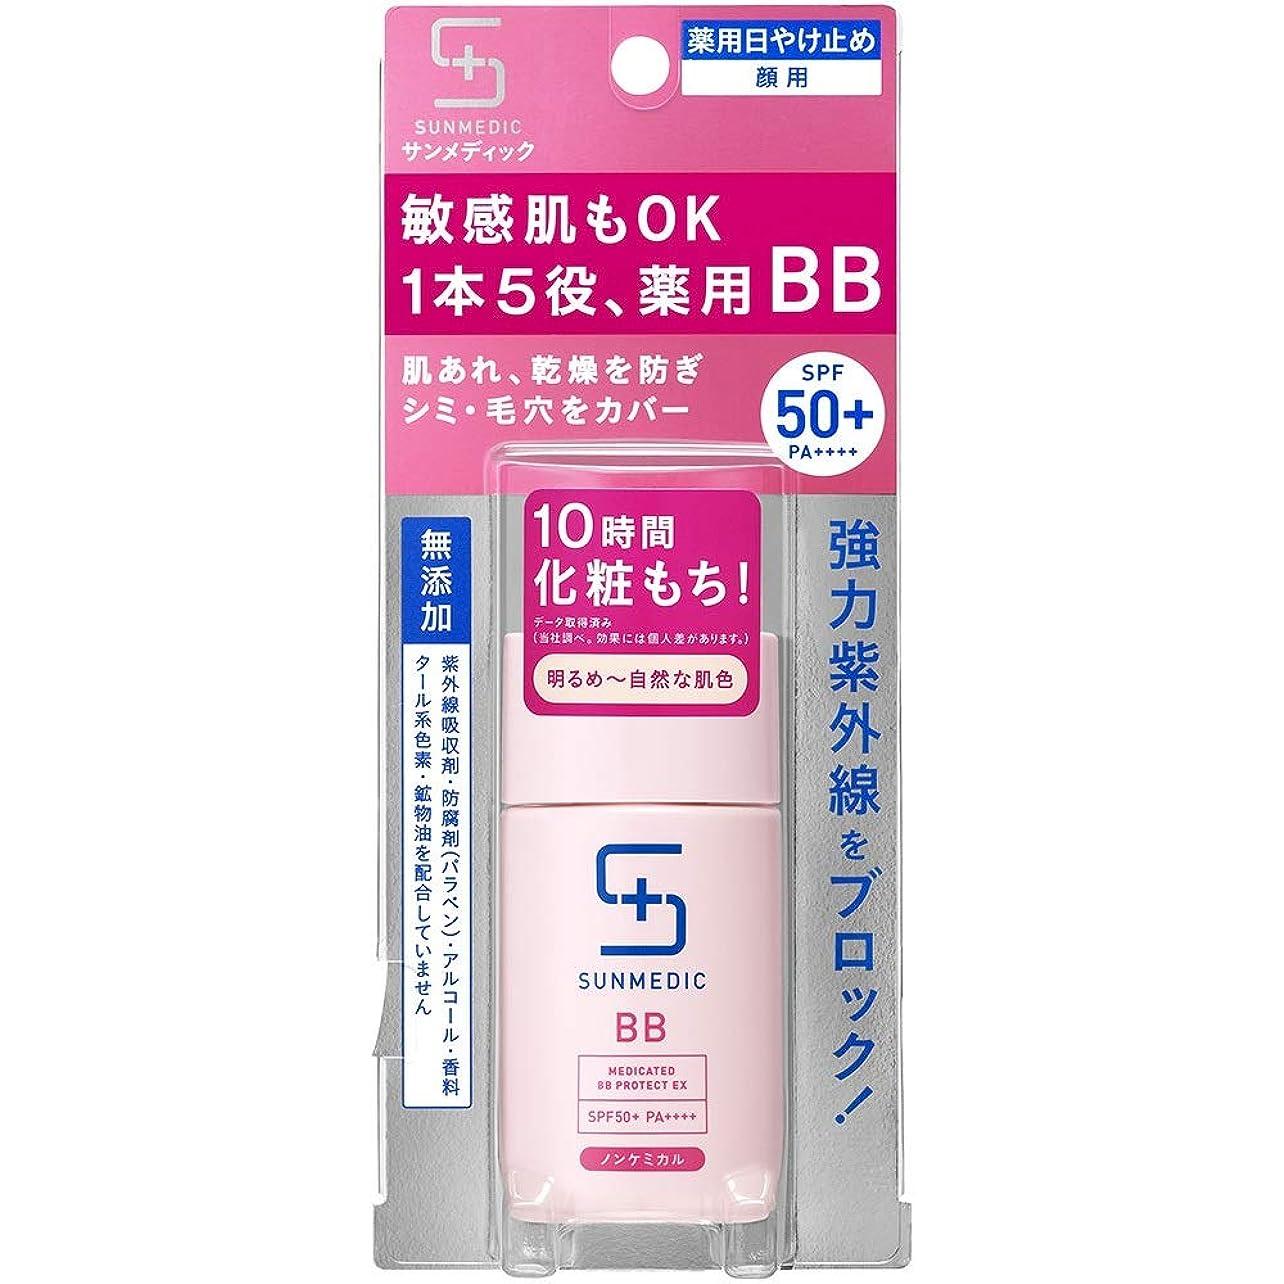 約硬化する非行サンメディックUV 薬用BBプロテクトEX ライト 30ml (医薬部外品)